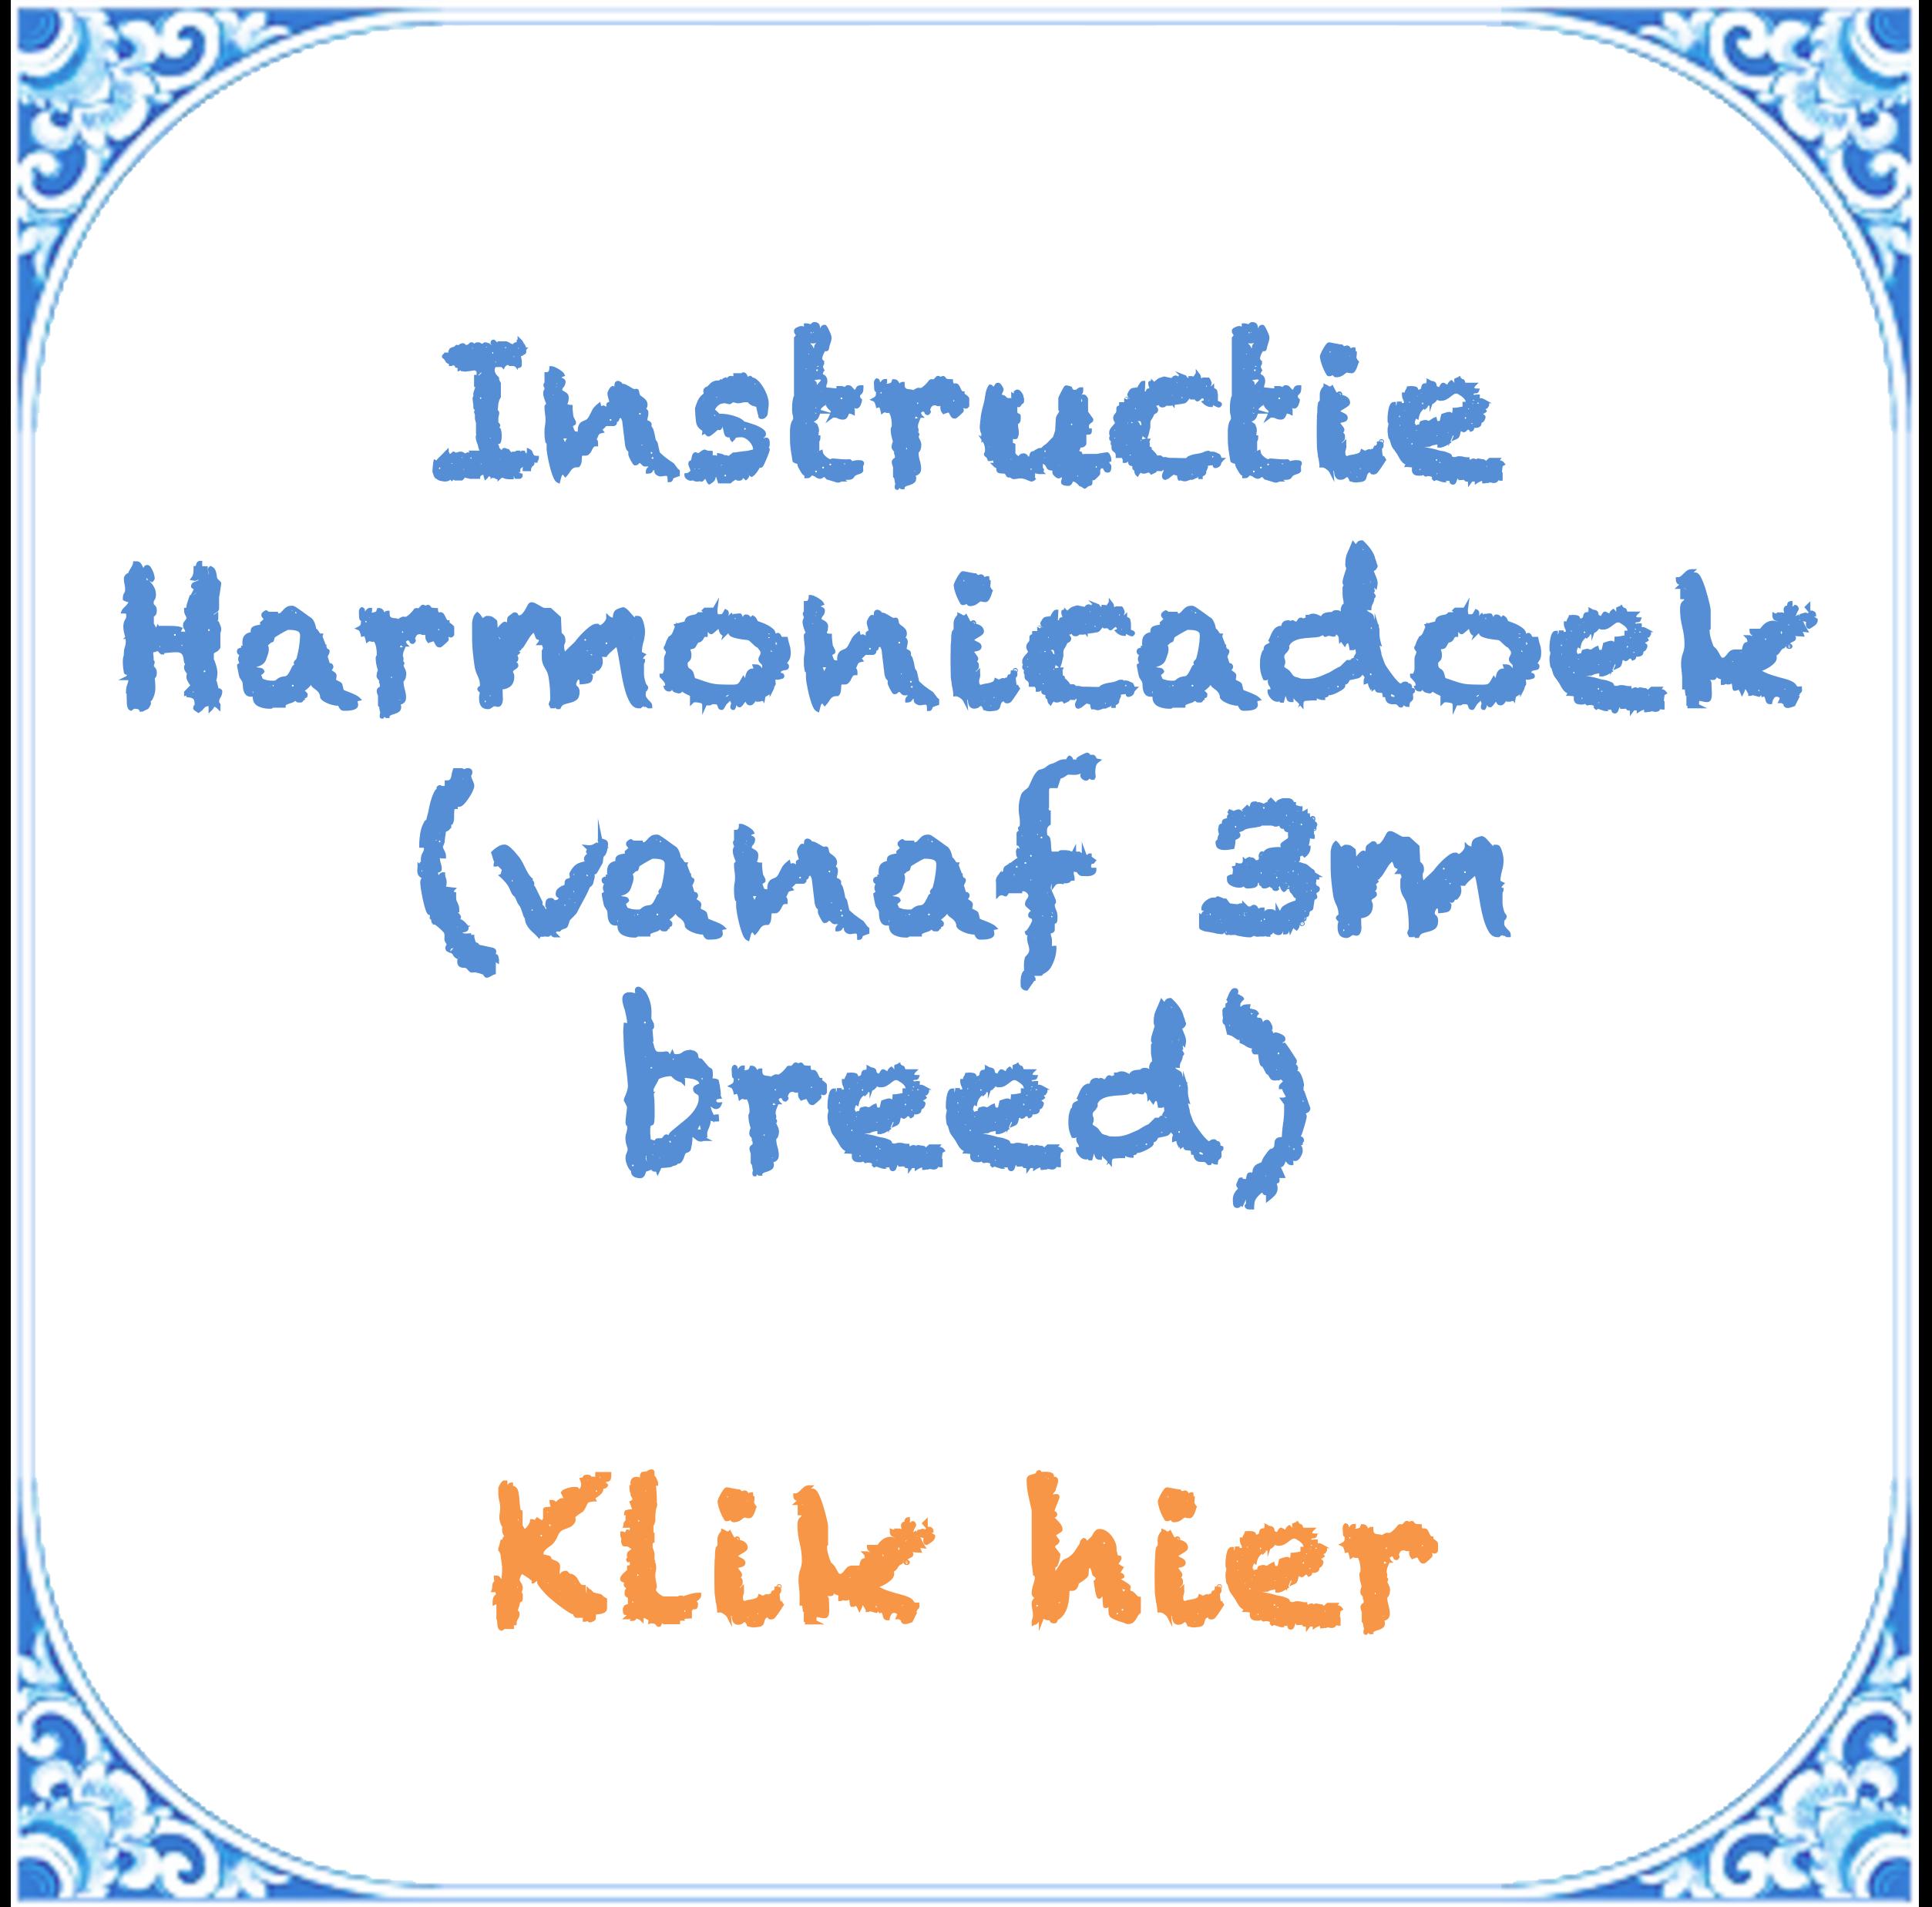 https://calculator.bootzeil.nl/storage/files/media/handleidingen/tegeltjes-voor-op-de-pagina/tegeltje-instructie-harmonica-tot-3m-breed.png?_t=1629471474